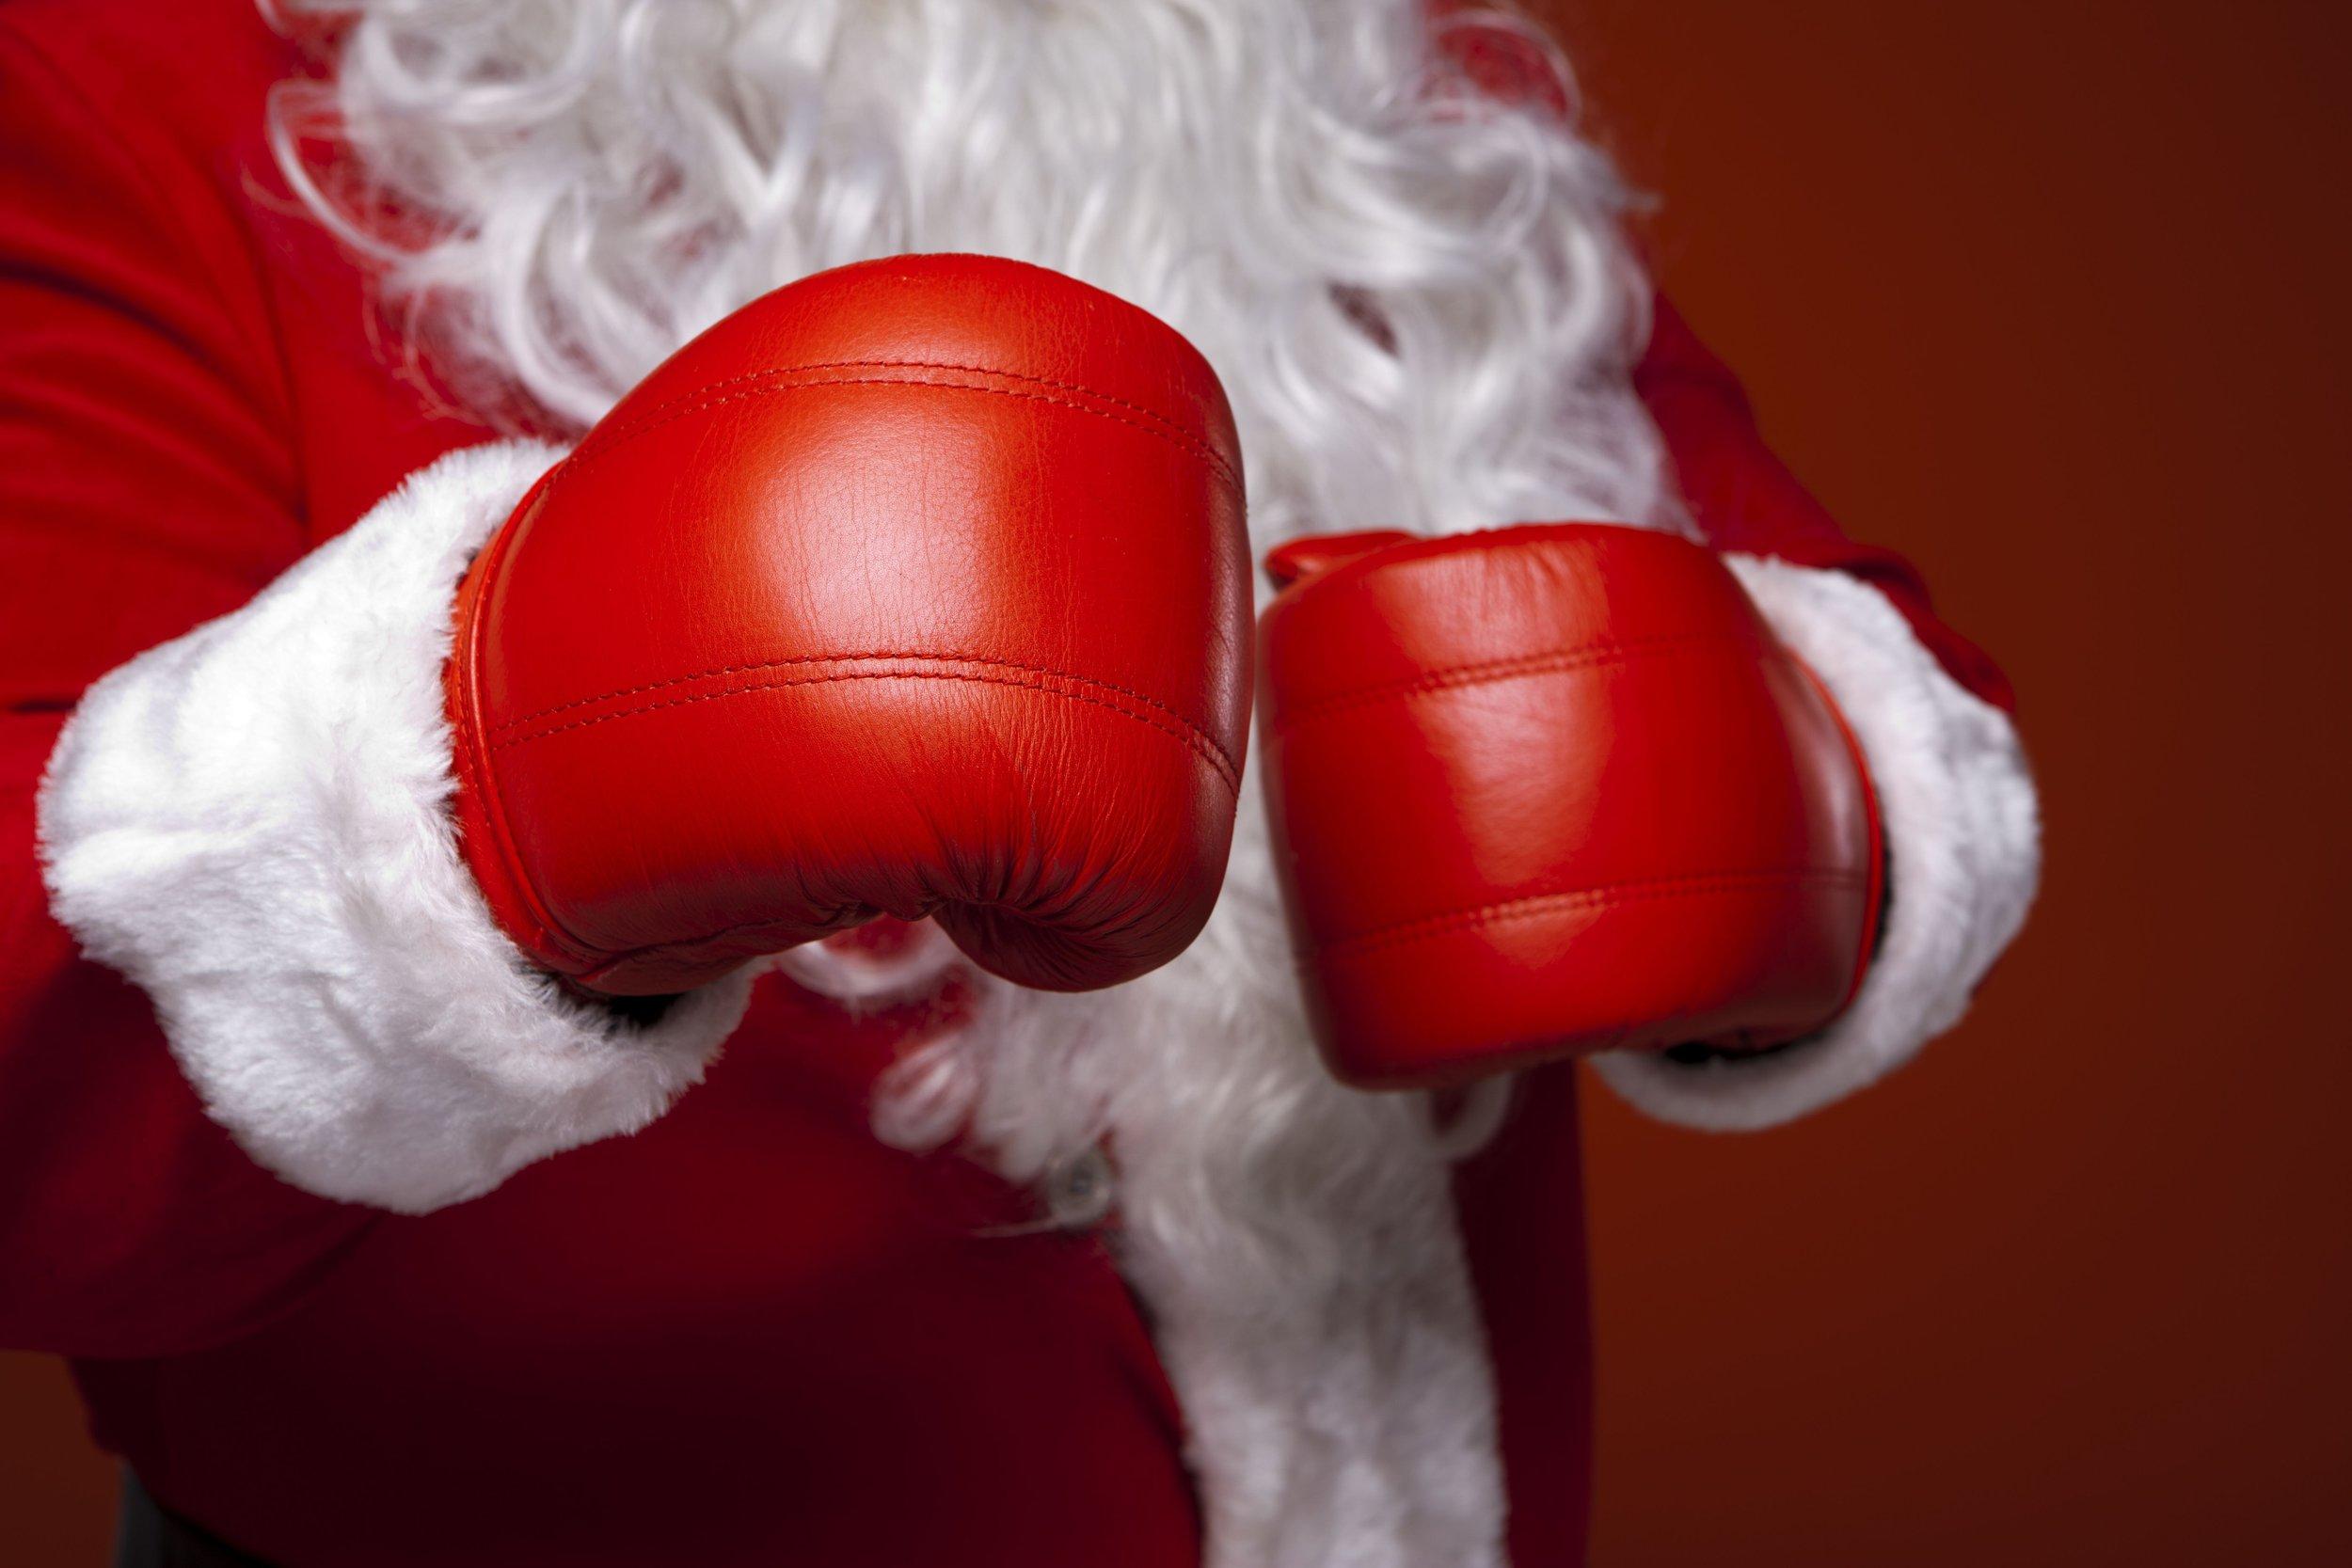 beard-blur-boxer-236128.jpg